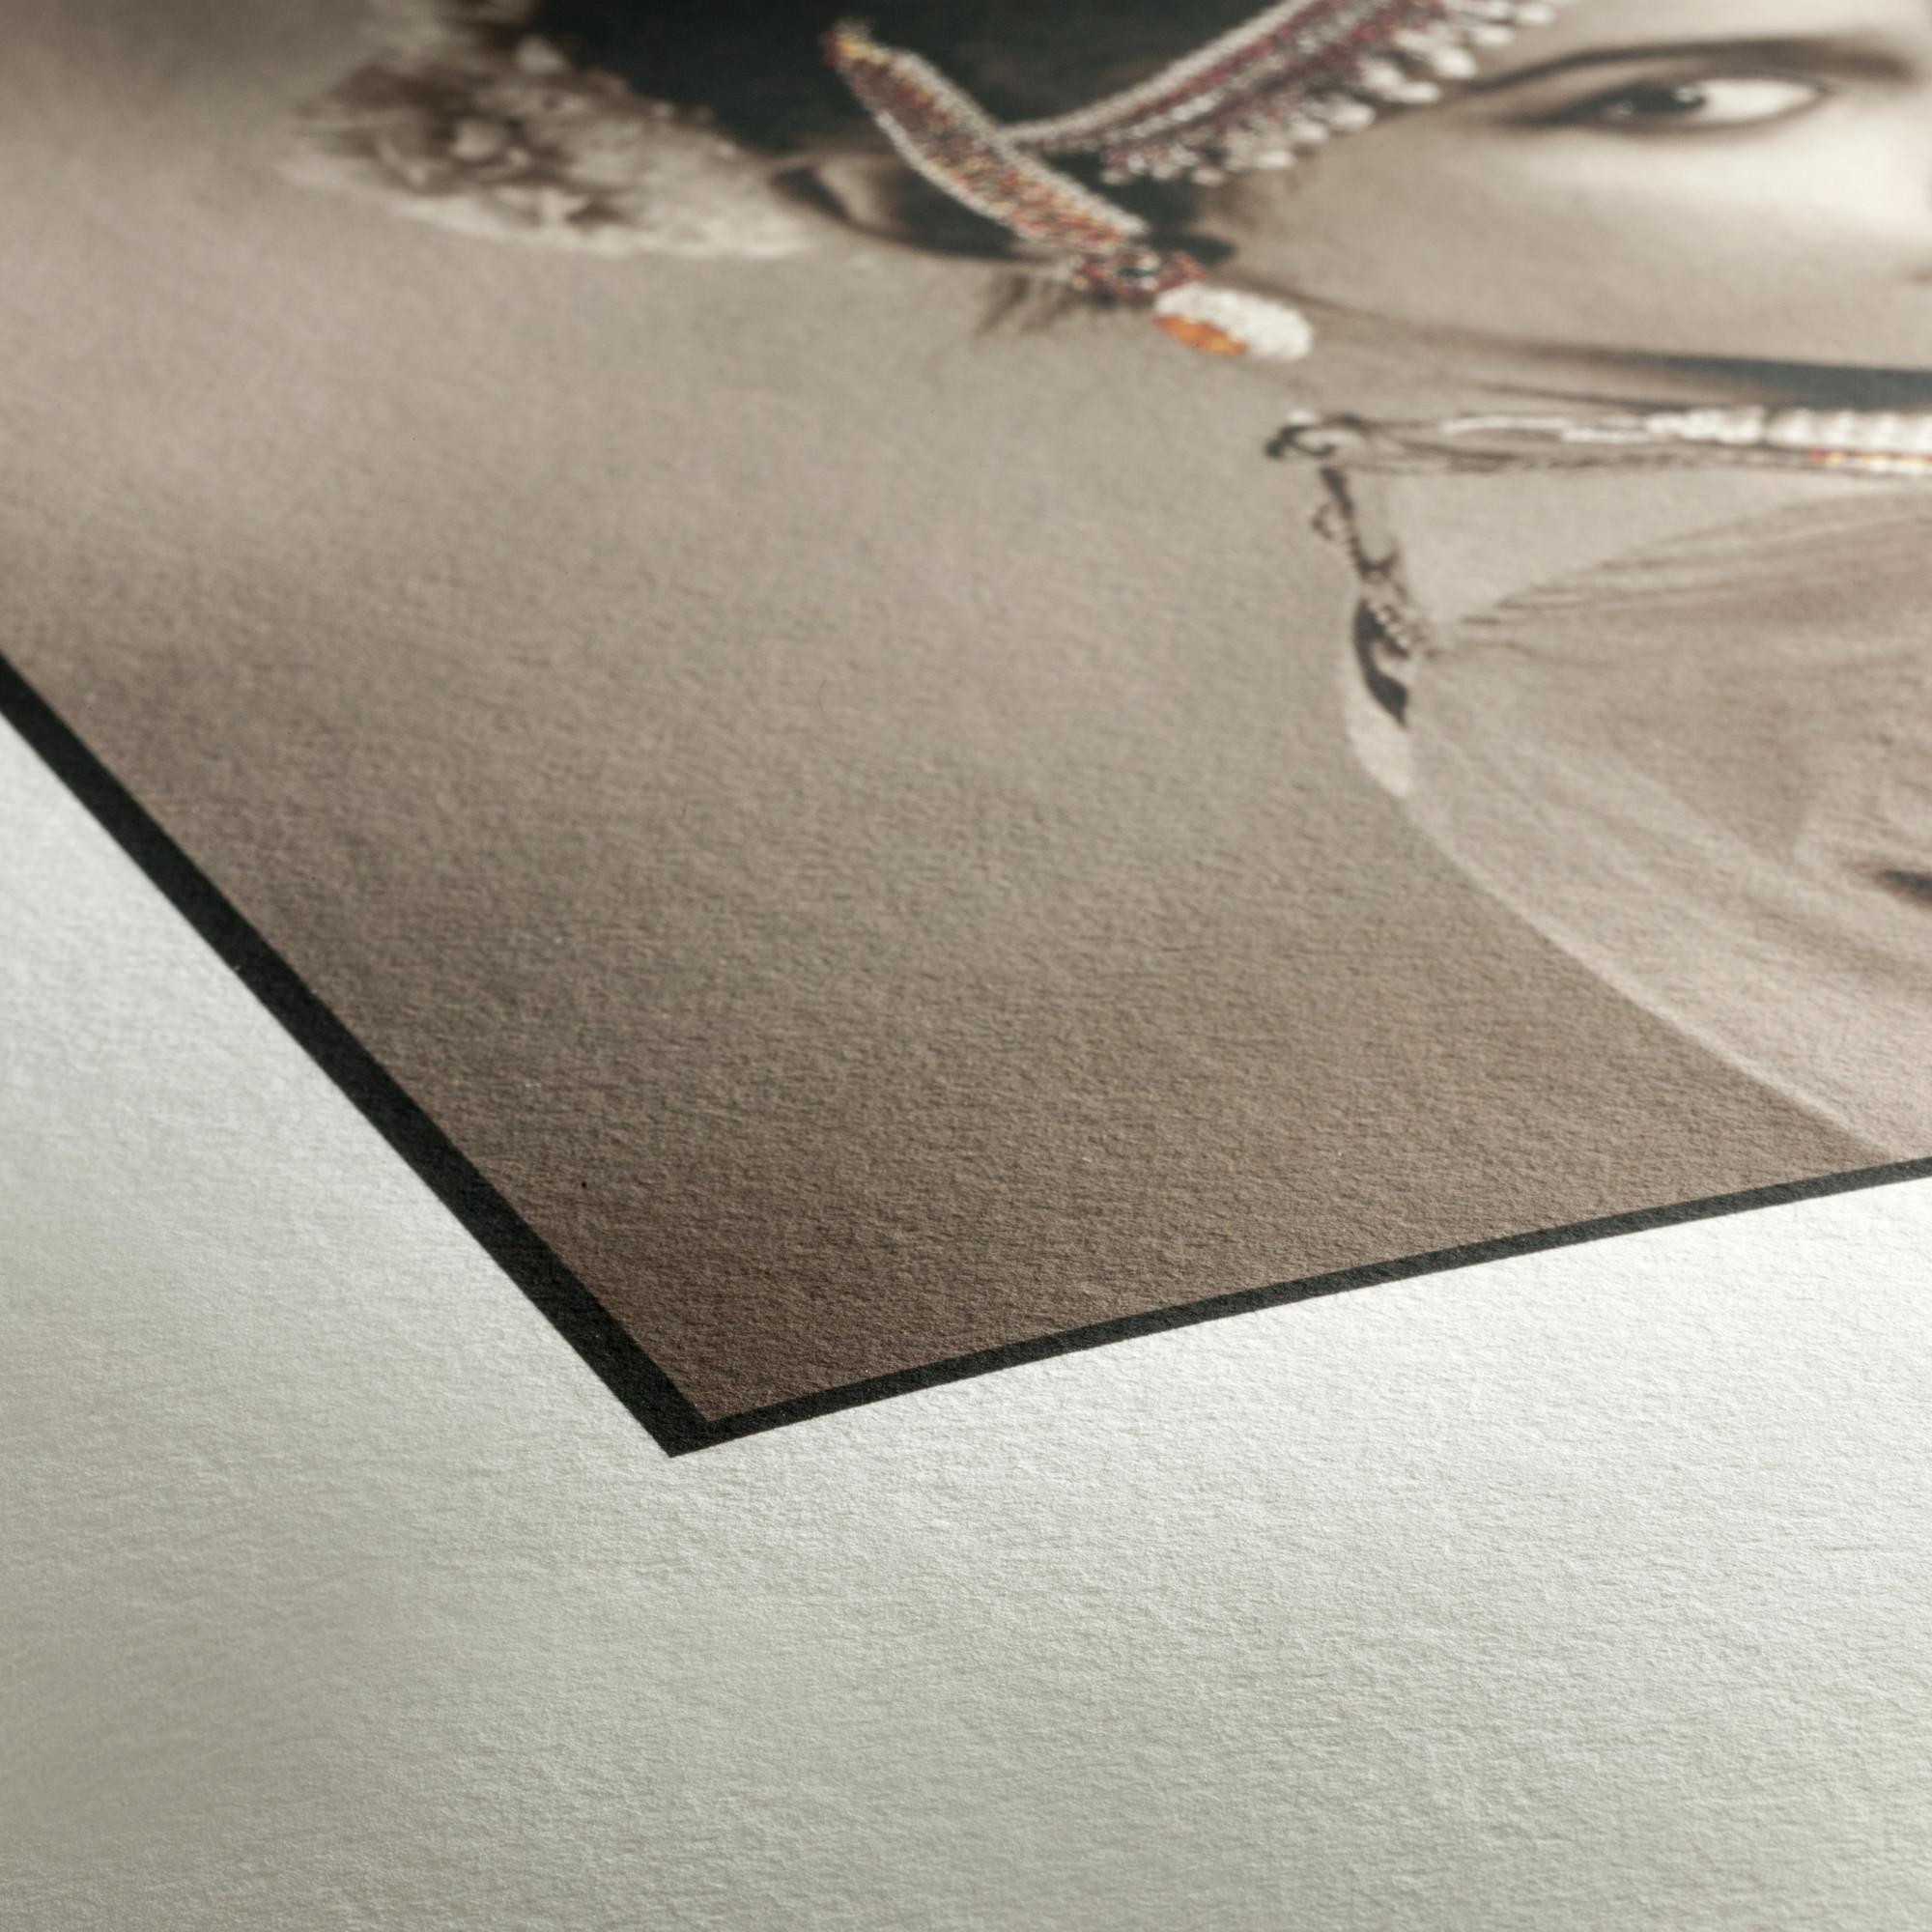 Hahnemühle Photo Rag 308. Papier mat 308 g/m². Utilisation pour exposition et conservation.